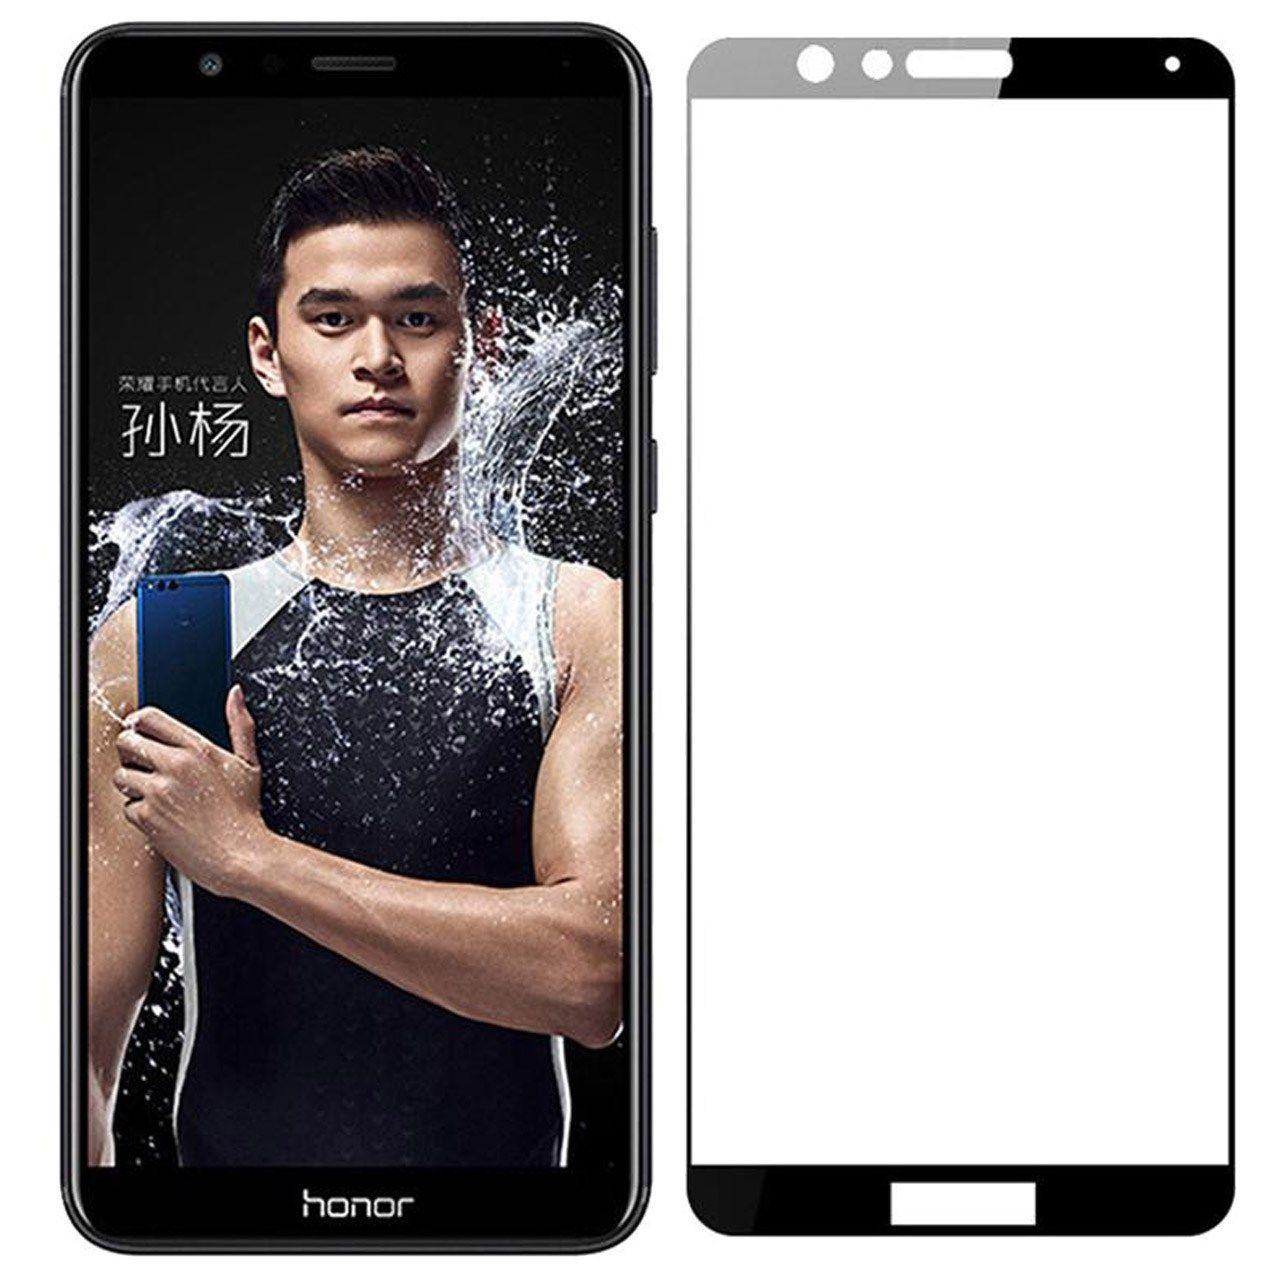 محافظ صفحه نمایش تمپرد مدل فول چسب مناسب برای گوشی موبایل هواوی Honor 7X